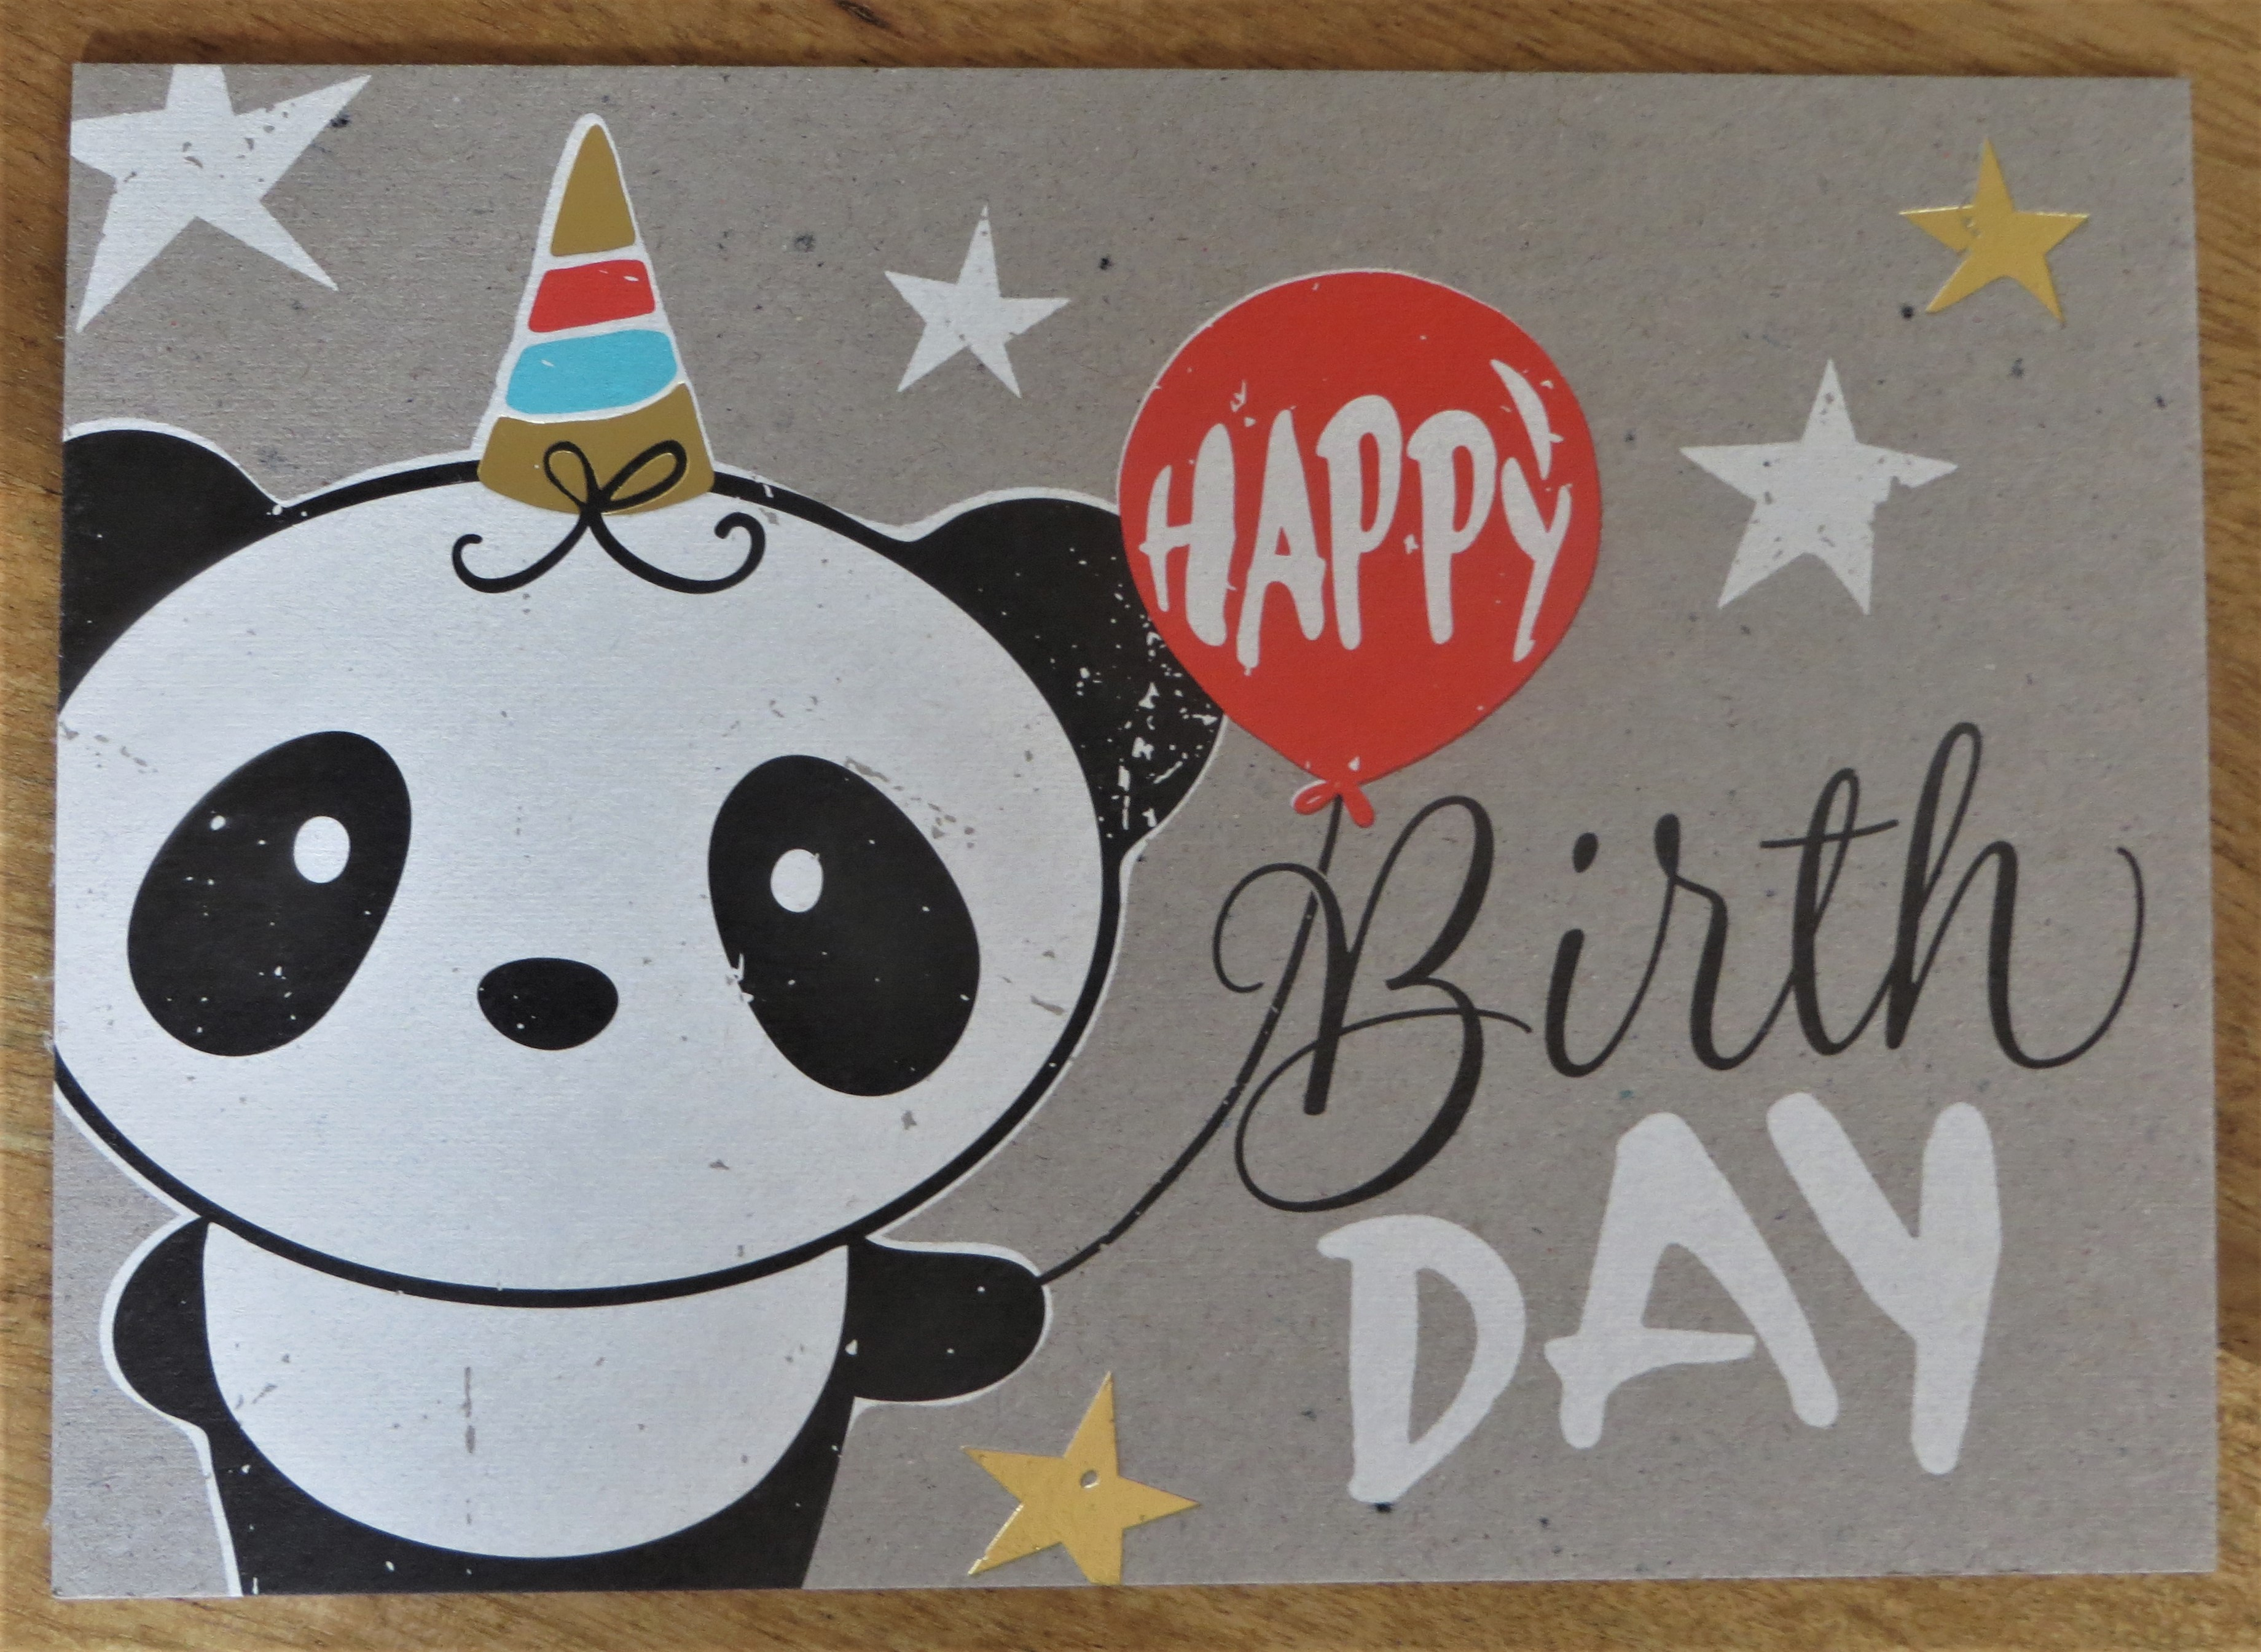 Nützlichgrusskarten - Postkarte HAPPY BirthDAY Panda KUNST und BILD - Onlineshop Tante Emmer